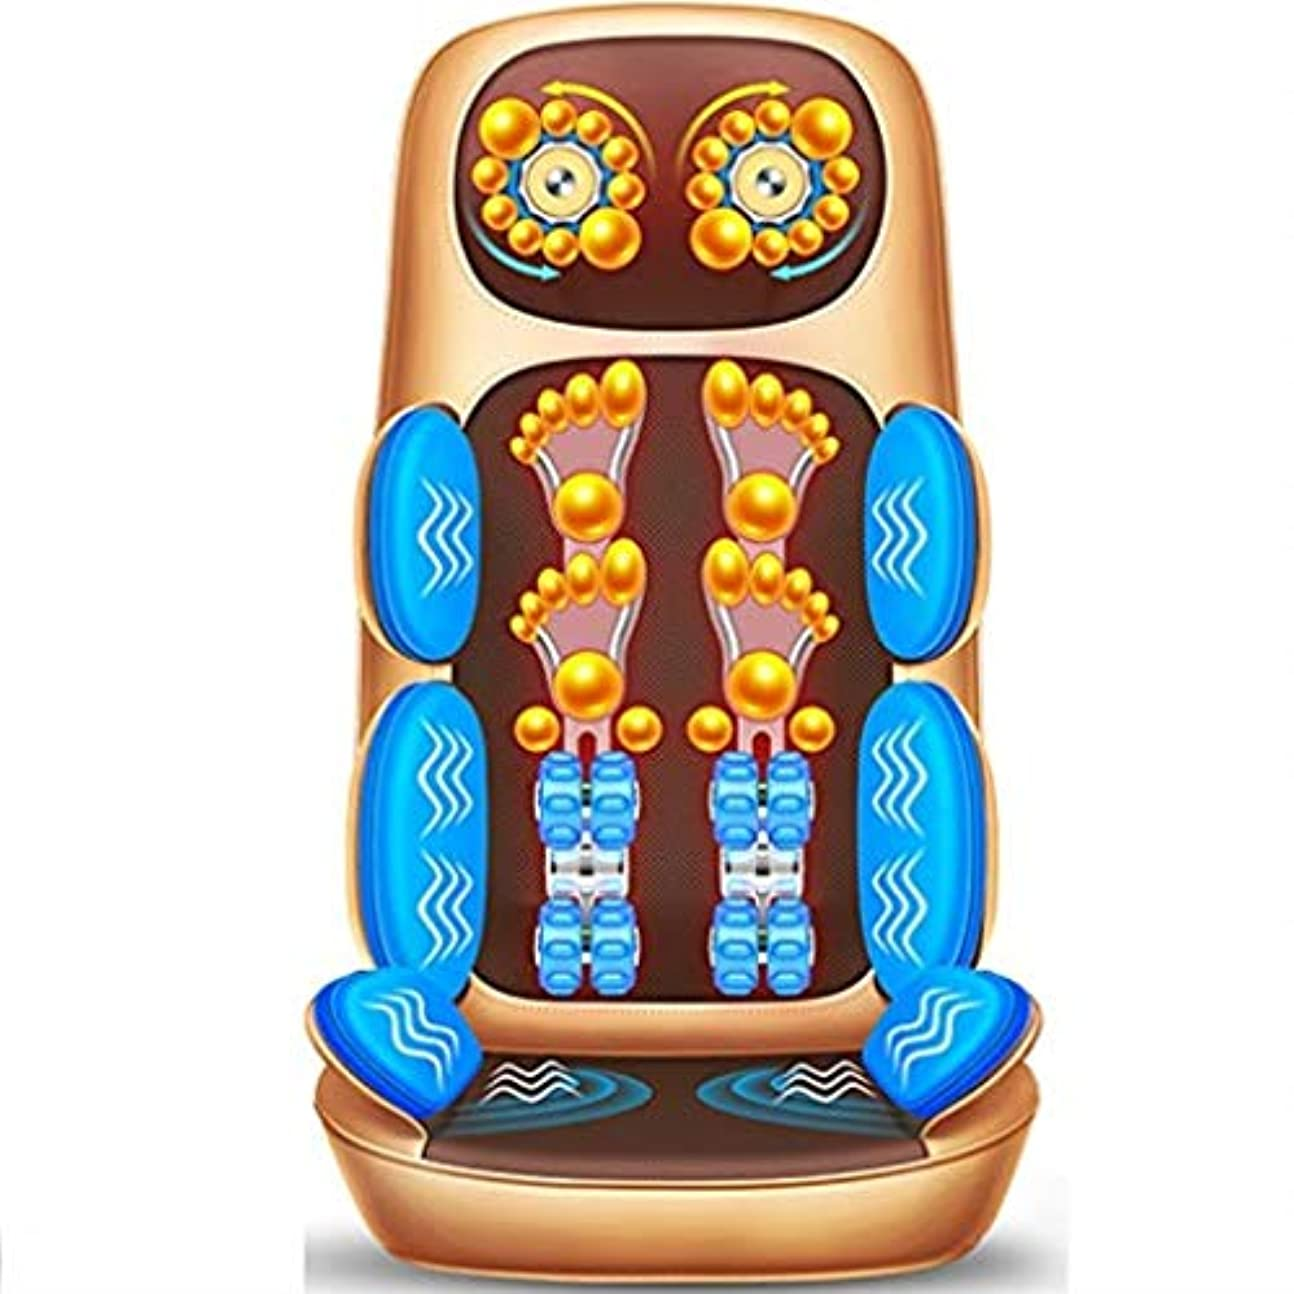 枕送ったインテリア電気マッサージクッション、多機能ボディマッサージクッション、車のホームオフィスに適した、首腰肩暖房クッション